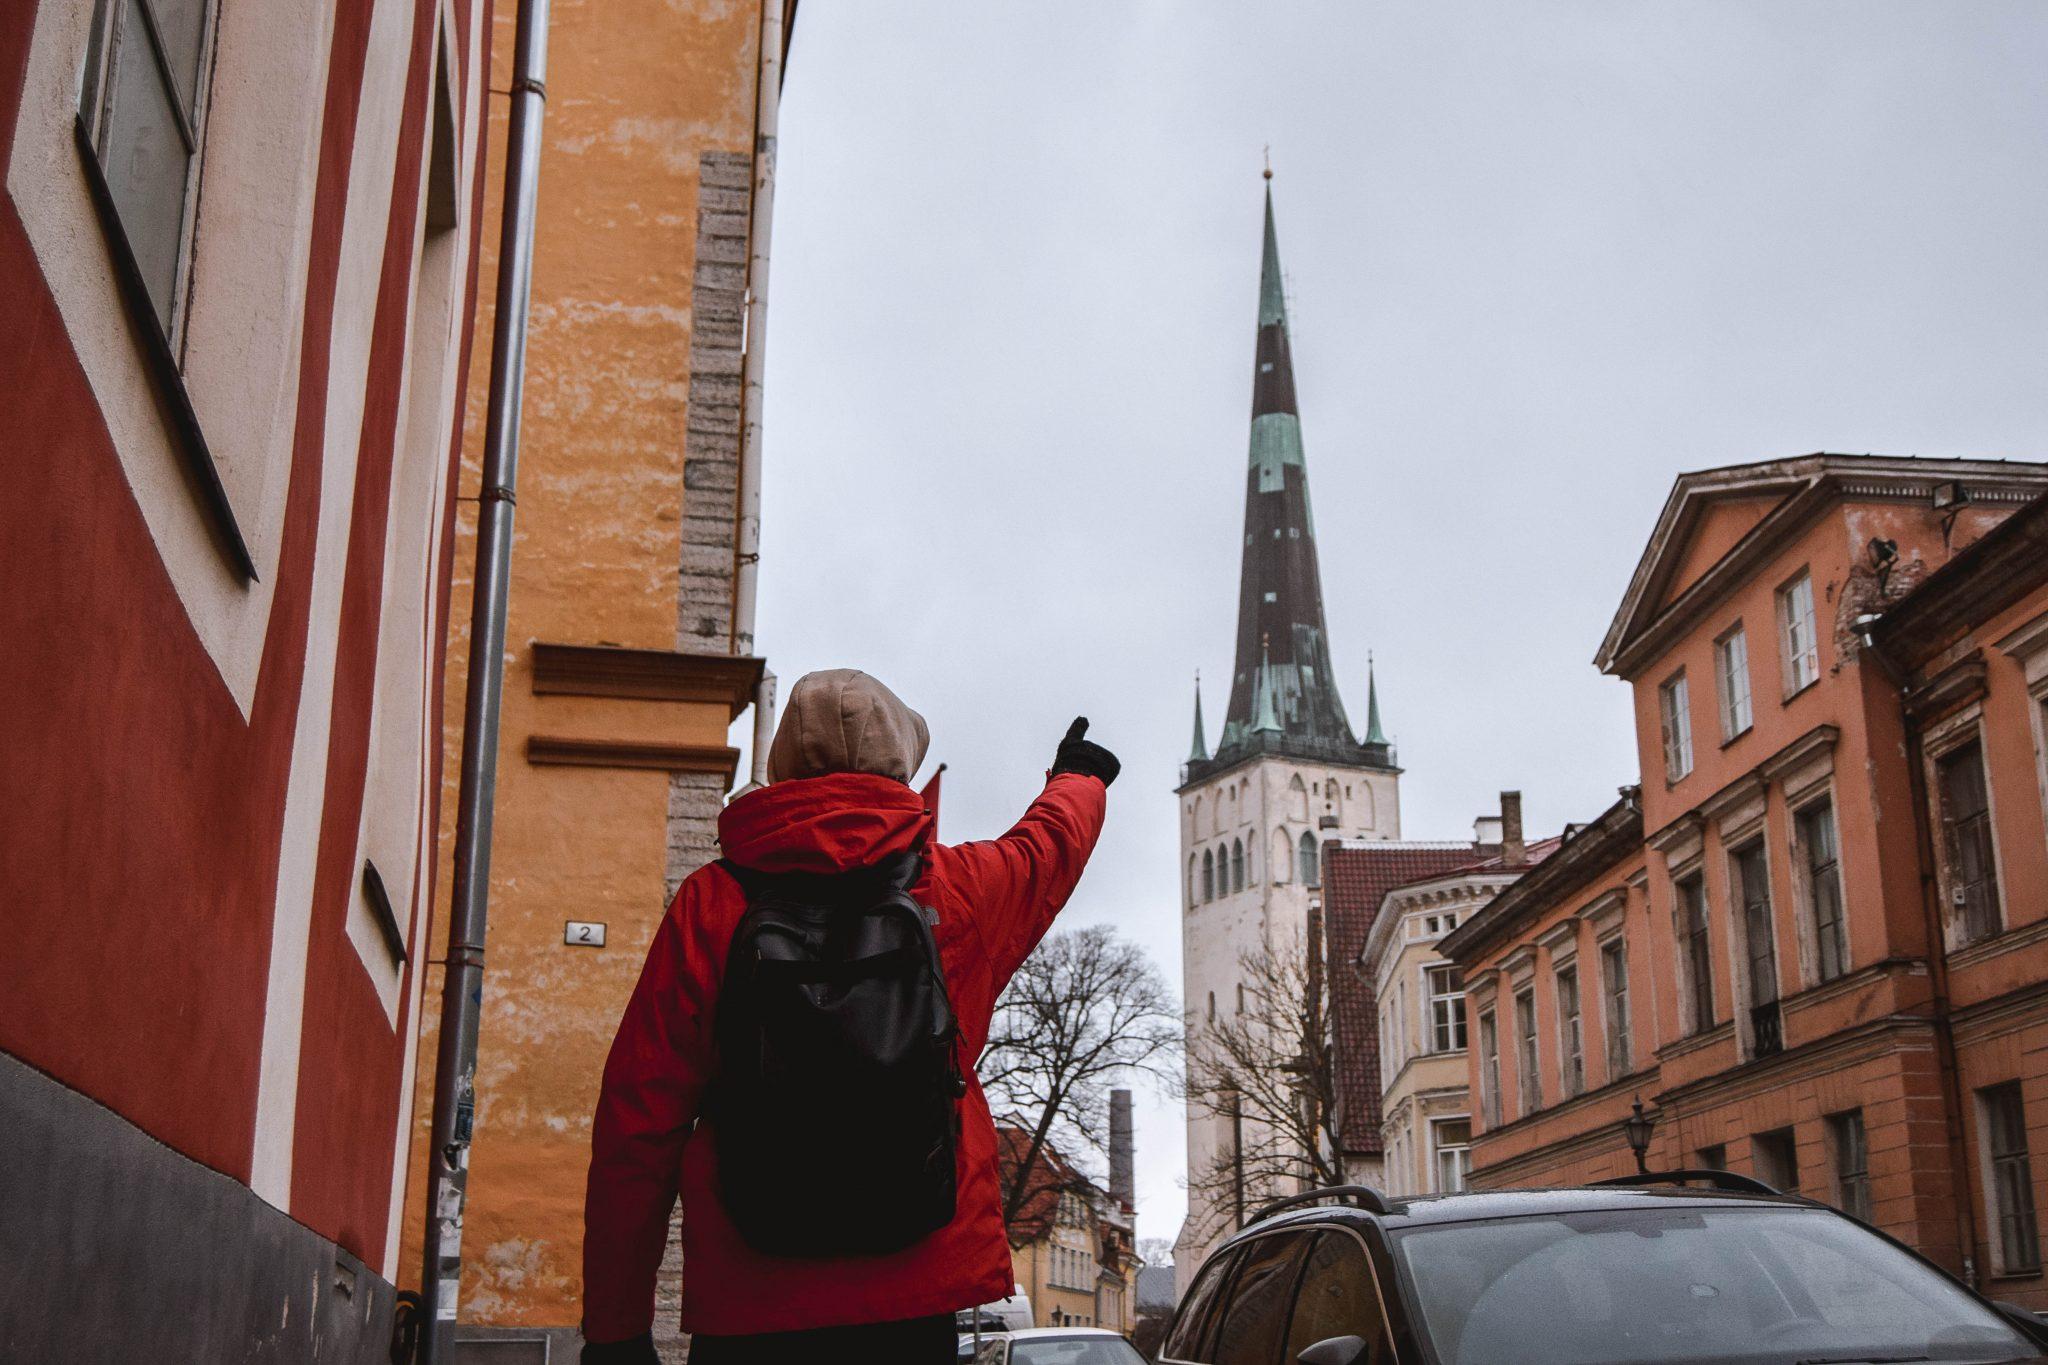 Things To Do In Tallinn In Winter Tallinn Things To Do - St Olaf's Church Tallinn Estonia